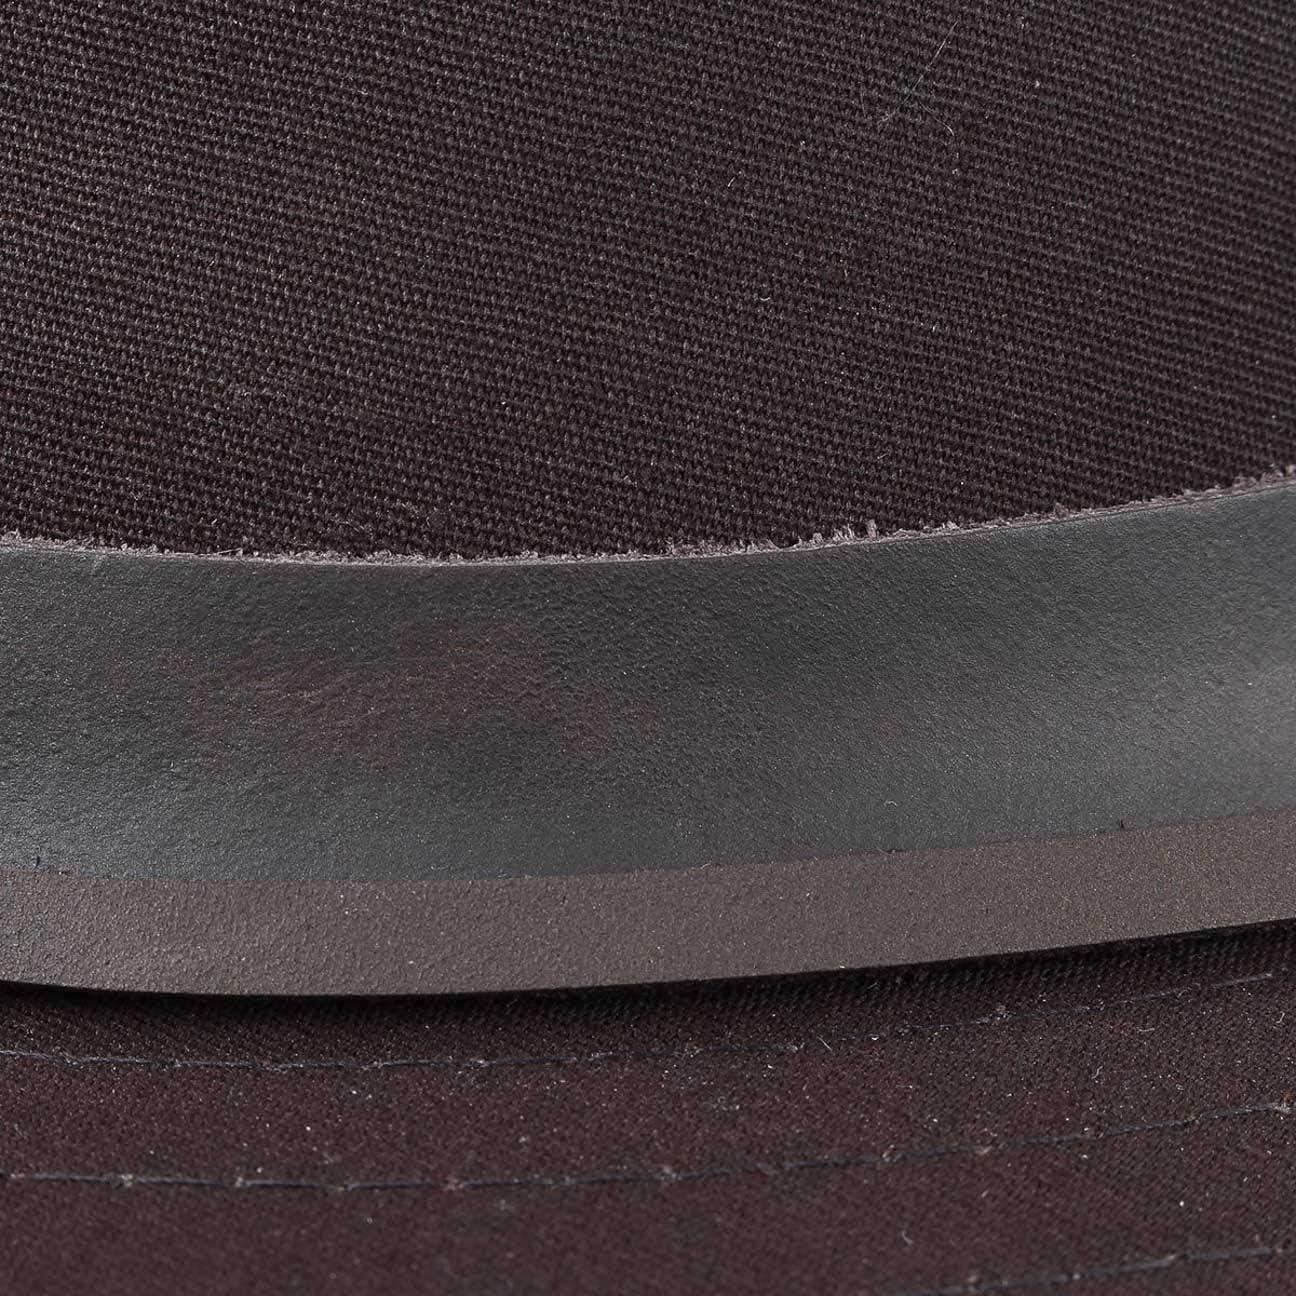 5 universelle Lanière en cuir Antik altbraun 1,4 x 24 longue poussette voiture remorque